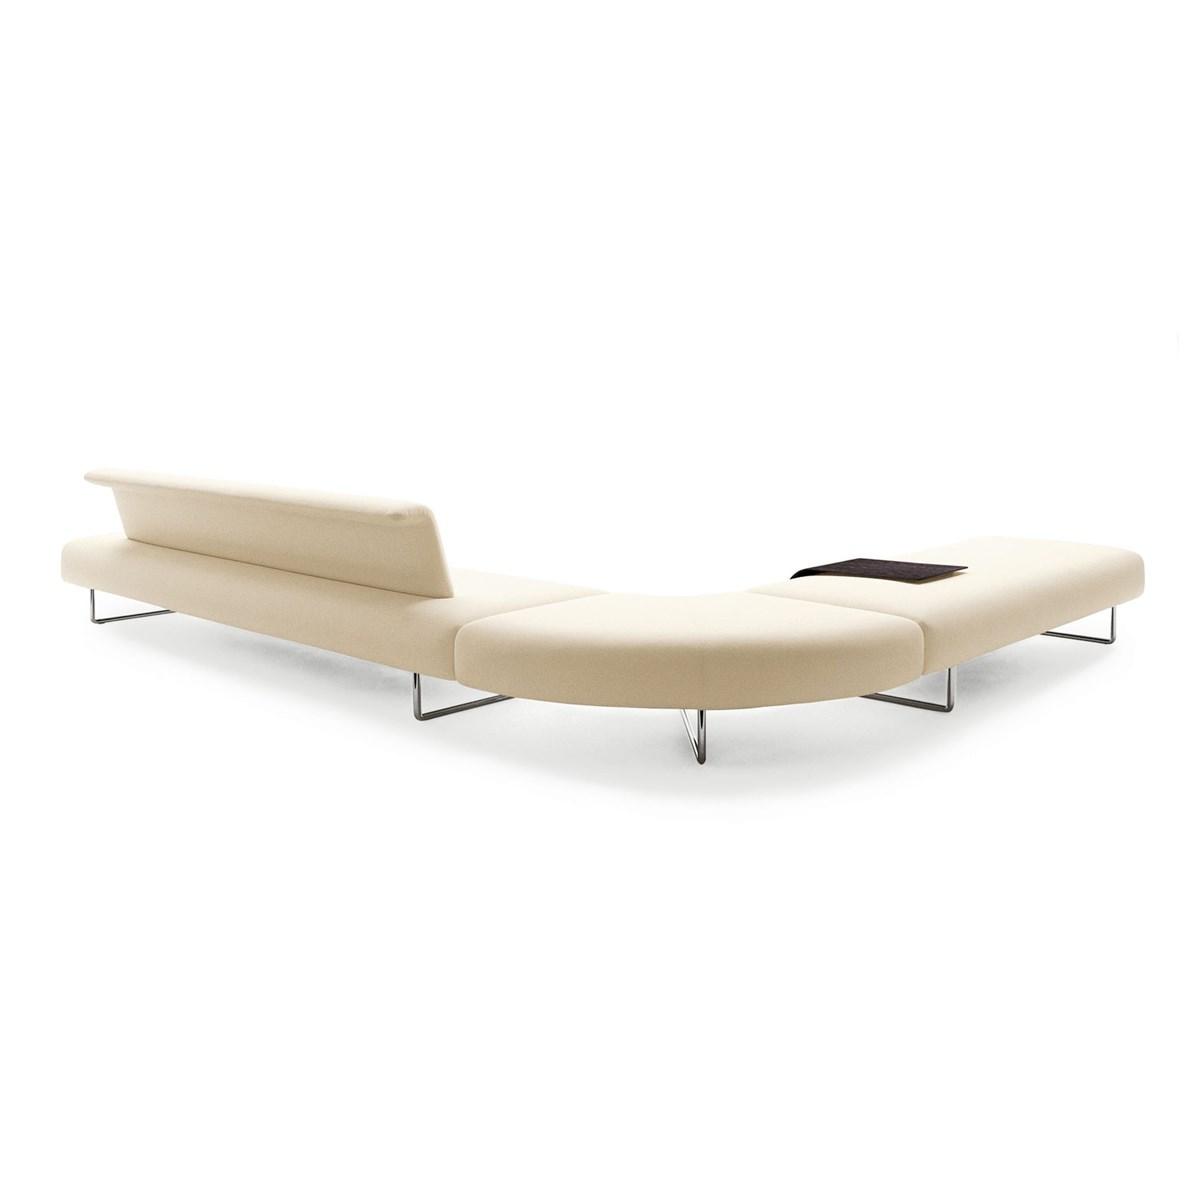 B&B-Italia-Naoto-Fukasawa-Cloud-Sofa-Matisse-2